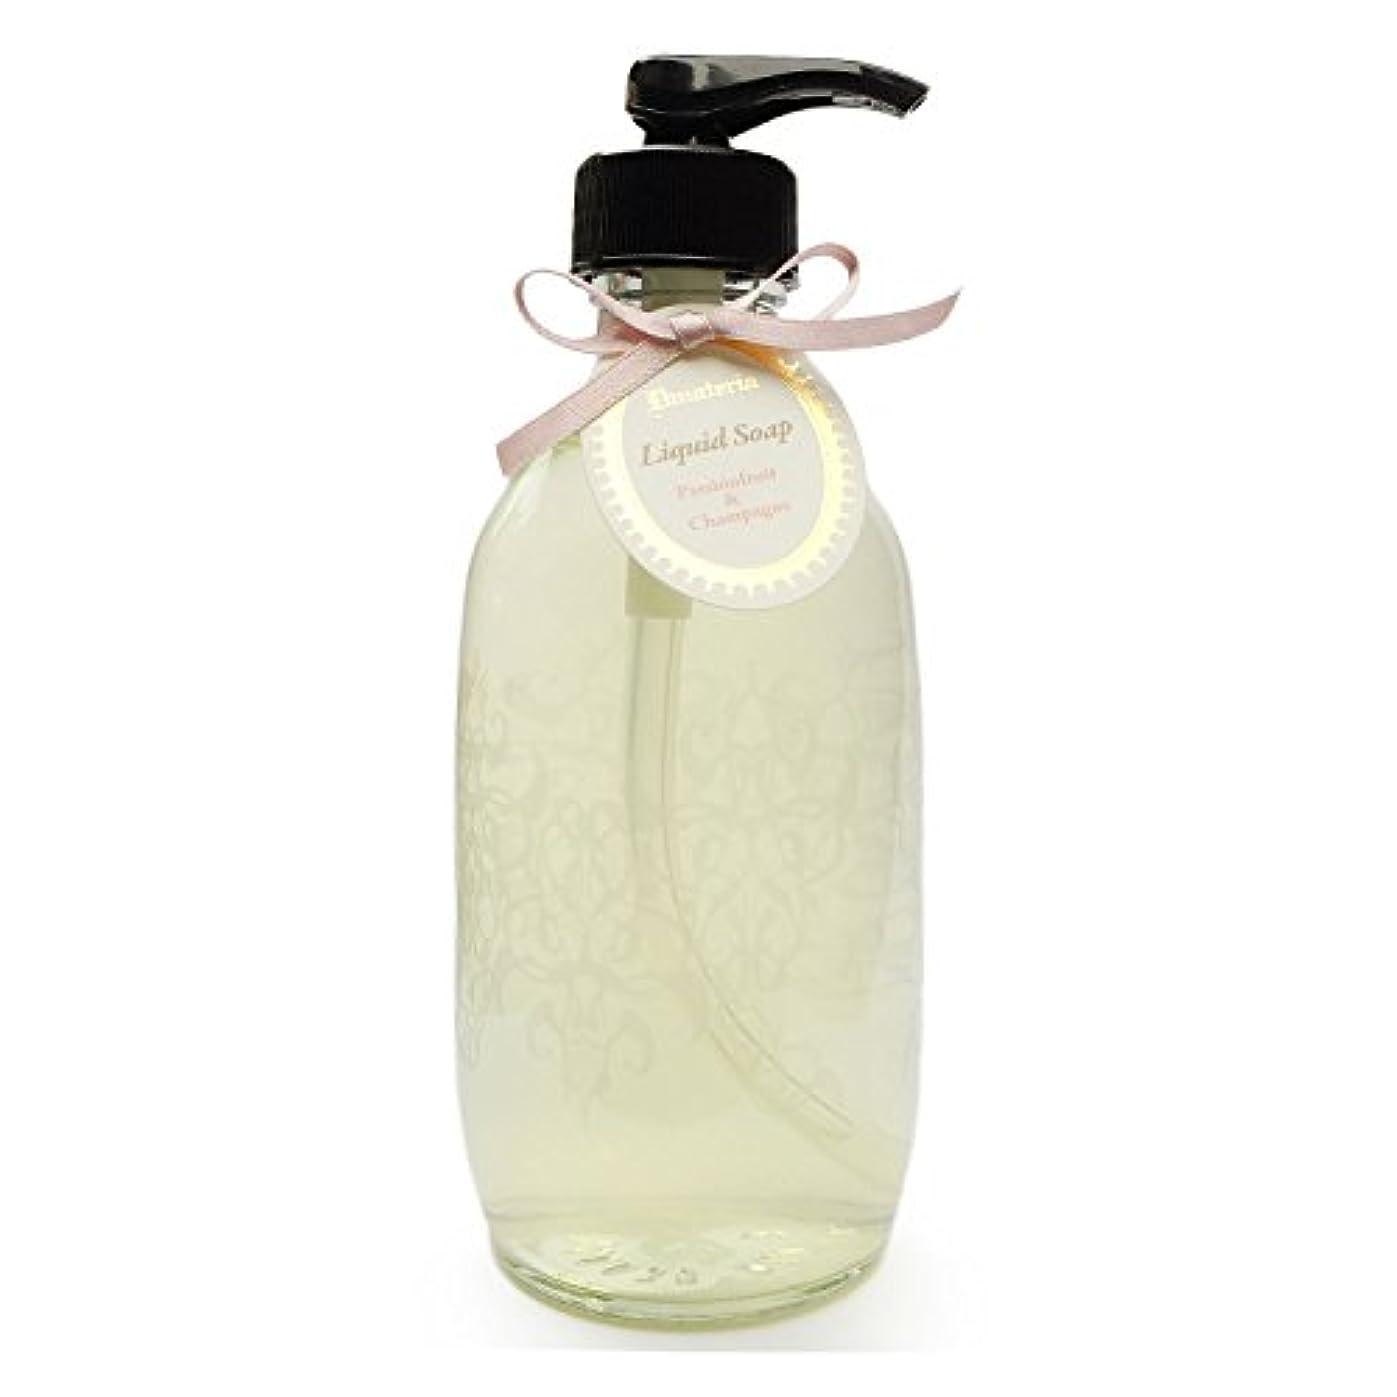 箱施設月曜D materia リキッドソープ パッションフルーツ&シャンパン Passionfruit&Champagne Liquid Soap ディーマテリア